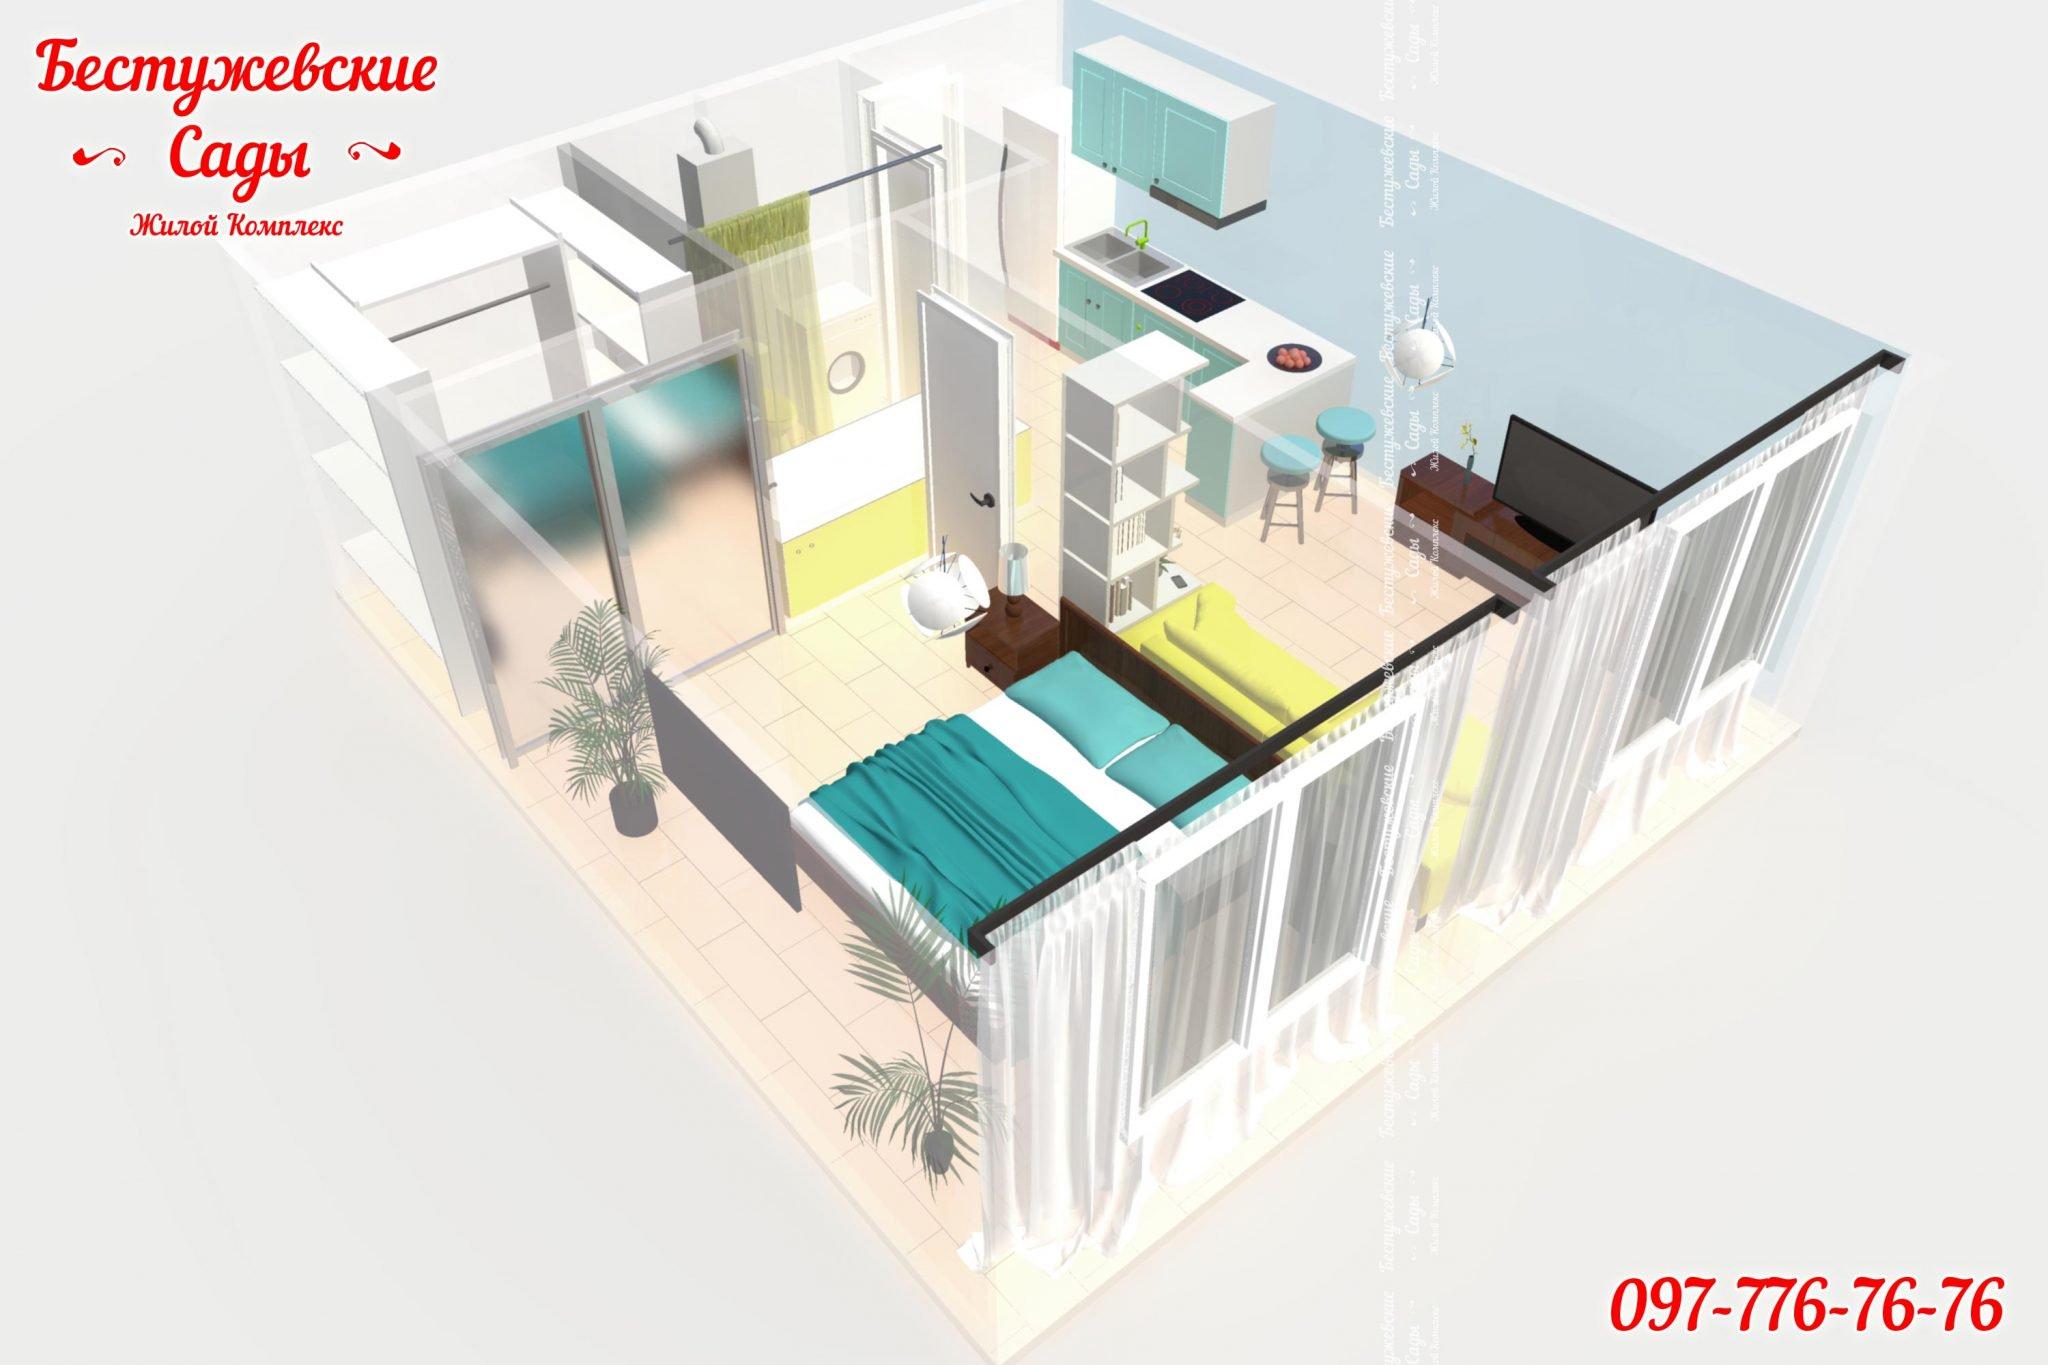 дизайн квартиры студии для семьи с ребенком